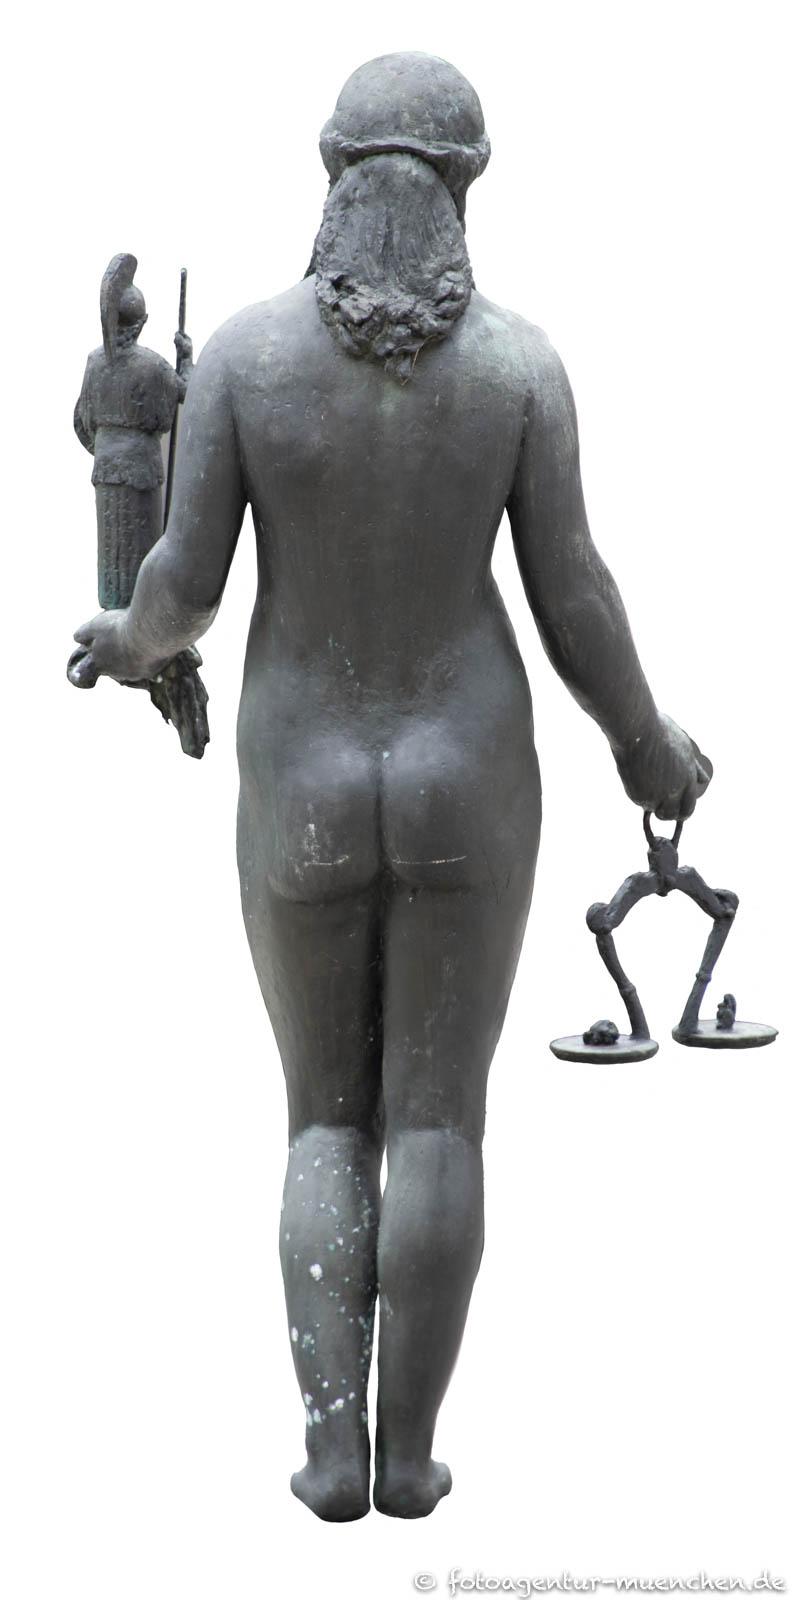 Kronprinz-Rupprecht-Brunnen - Justitia